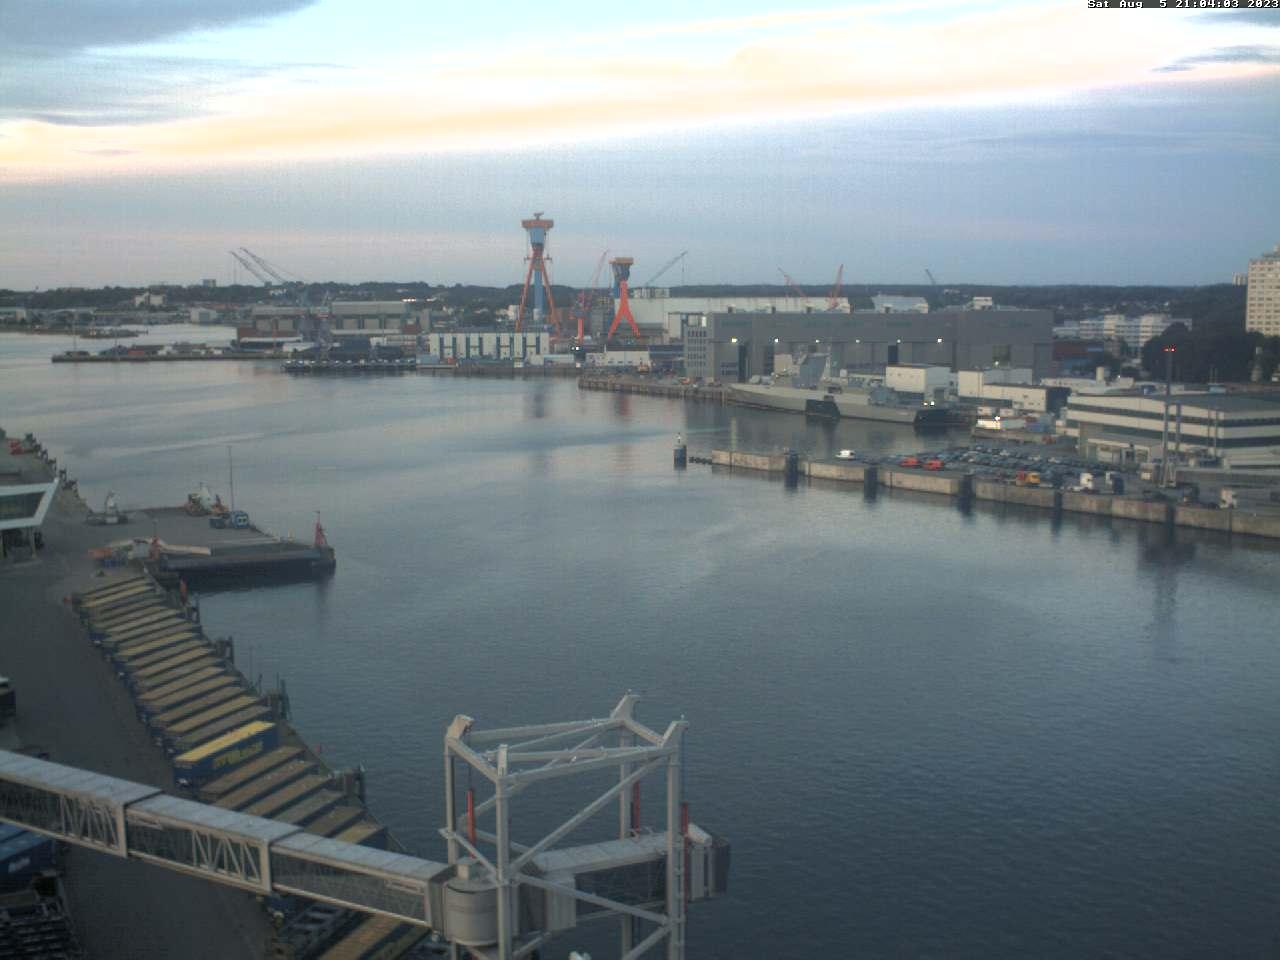 Hafen Kiel,  aktuelles Bild